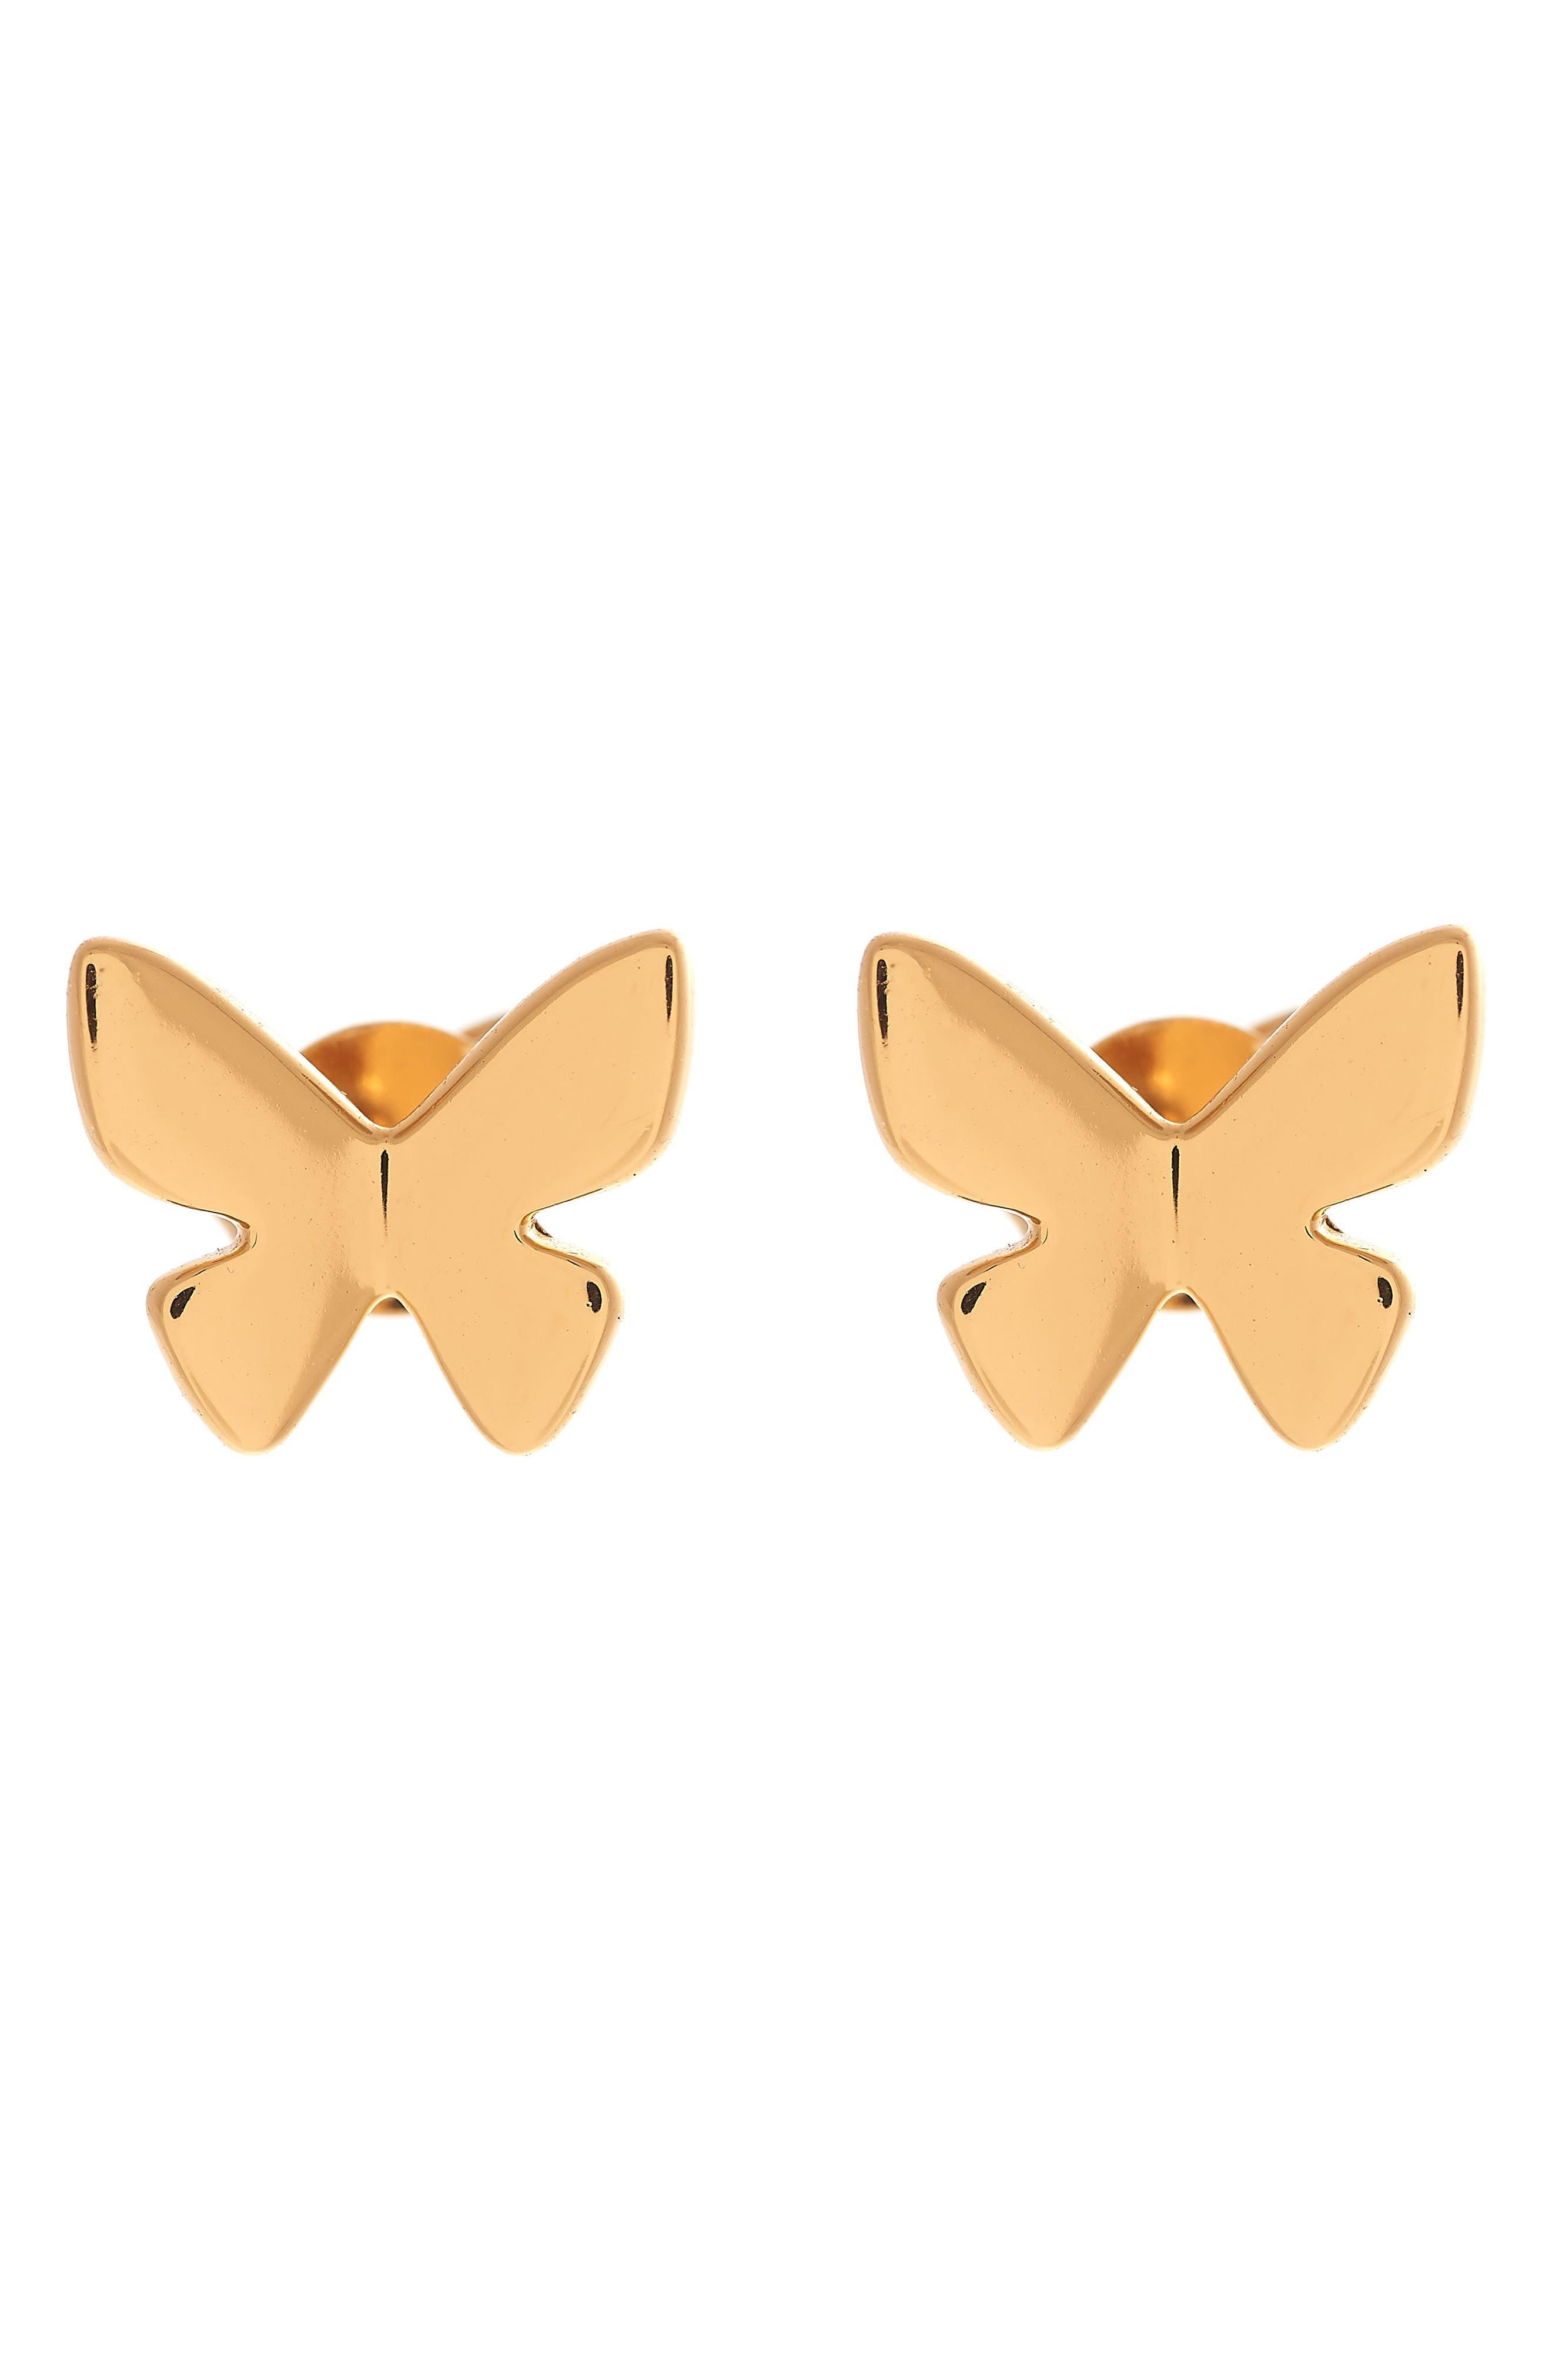 Olivia Burton Social Butterfly Stud Earrings